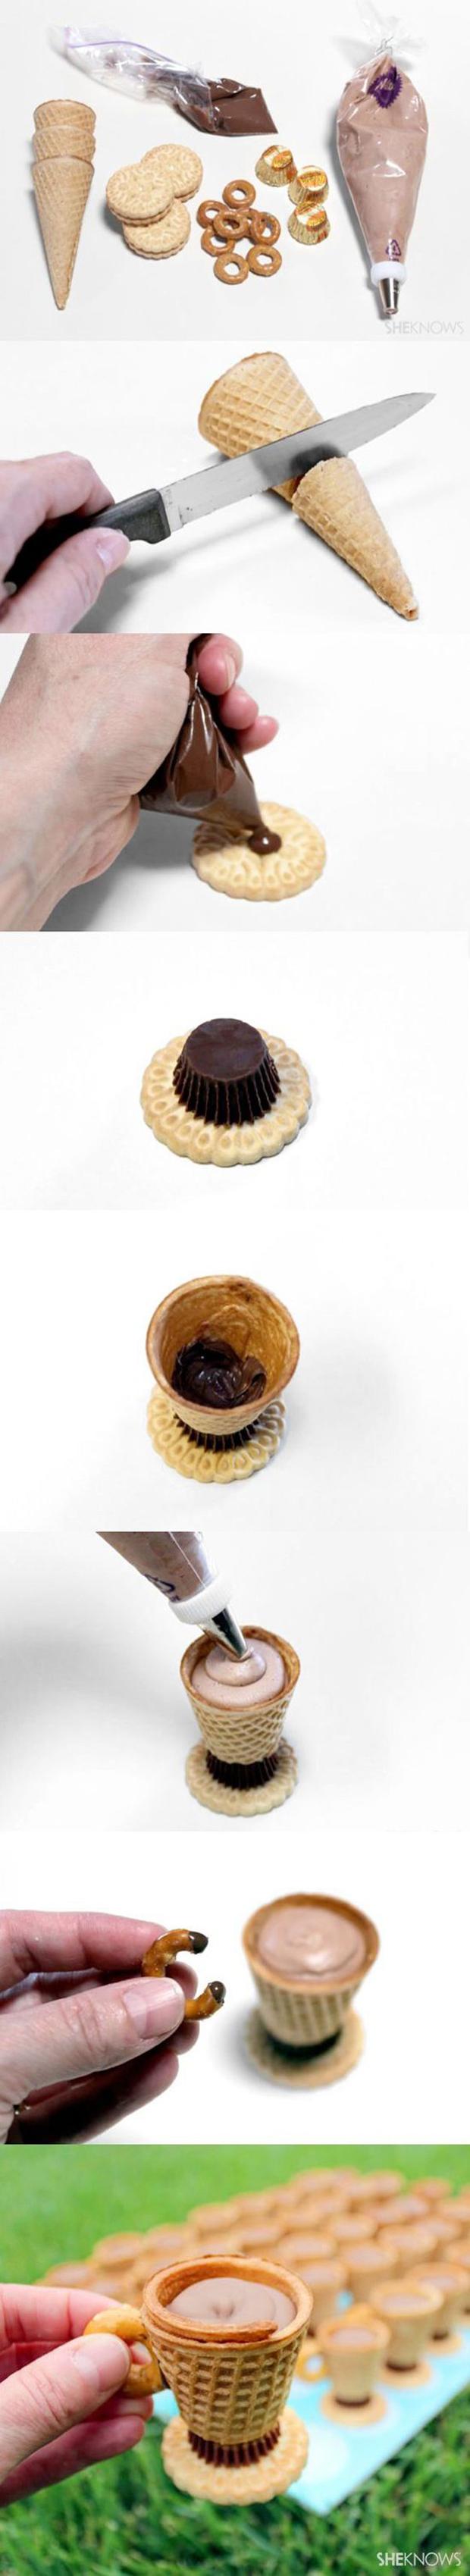 teacup_cookies